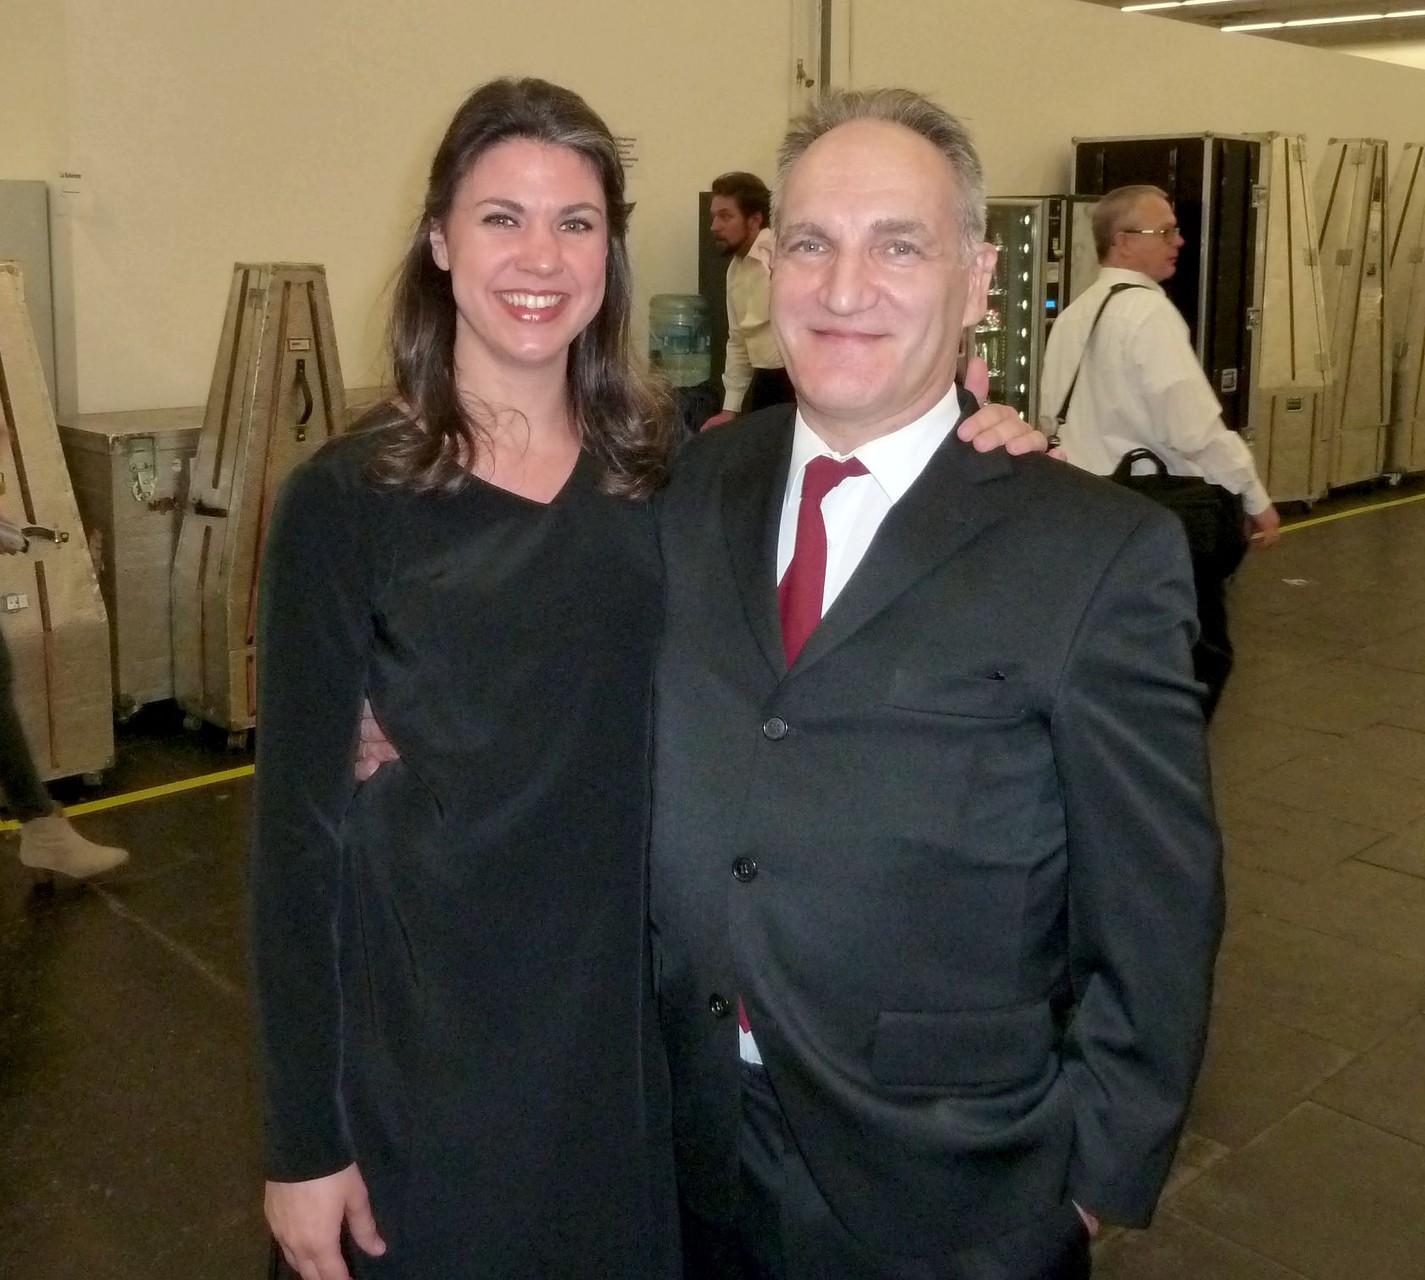 """©Charlotte Sander, Extrachor der Oper Köln mit Volker Kammerer - """"Aida"""" konzertant, 11.12.2015"""